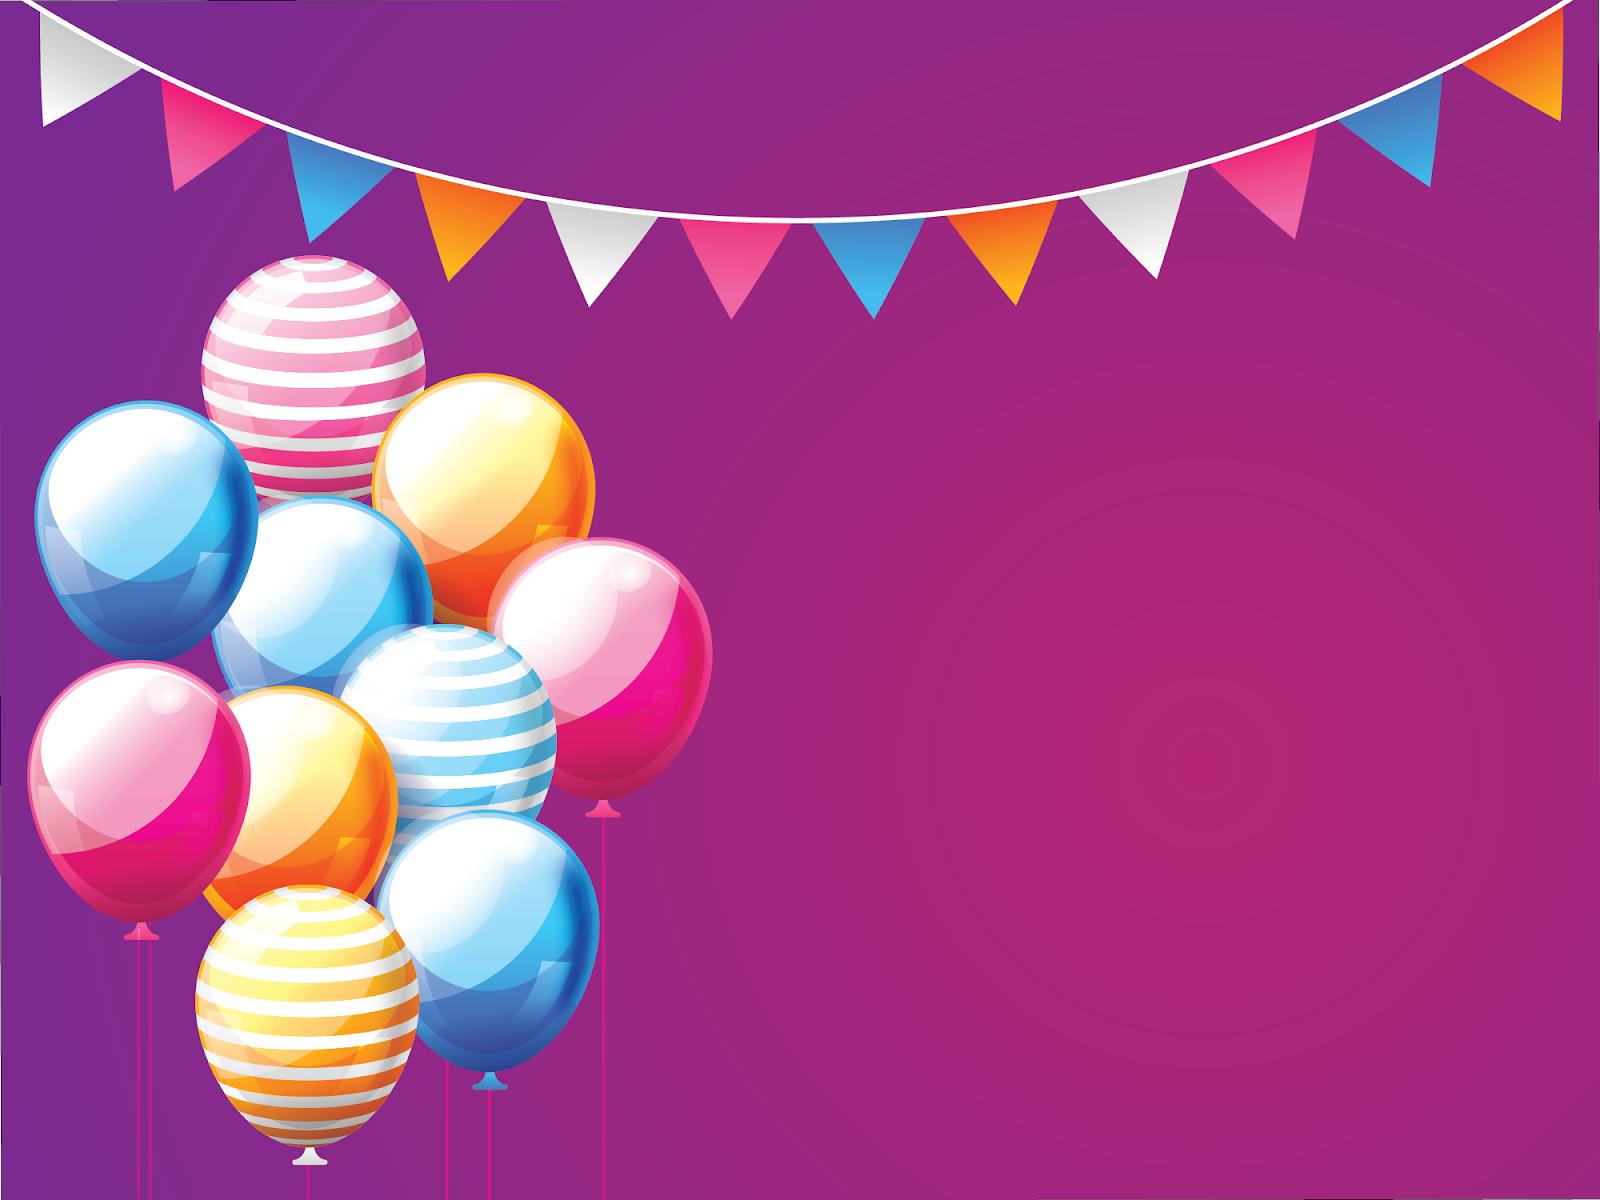 Kumpulan Template Desain Kartu Ucapan Ulang Tahun